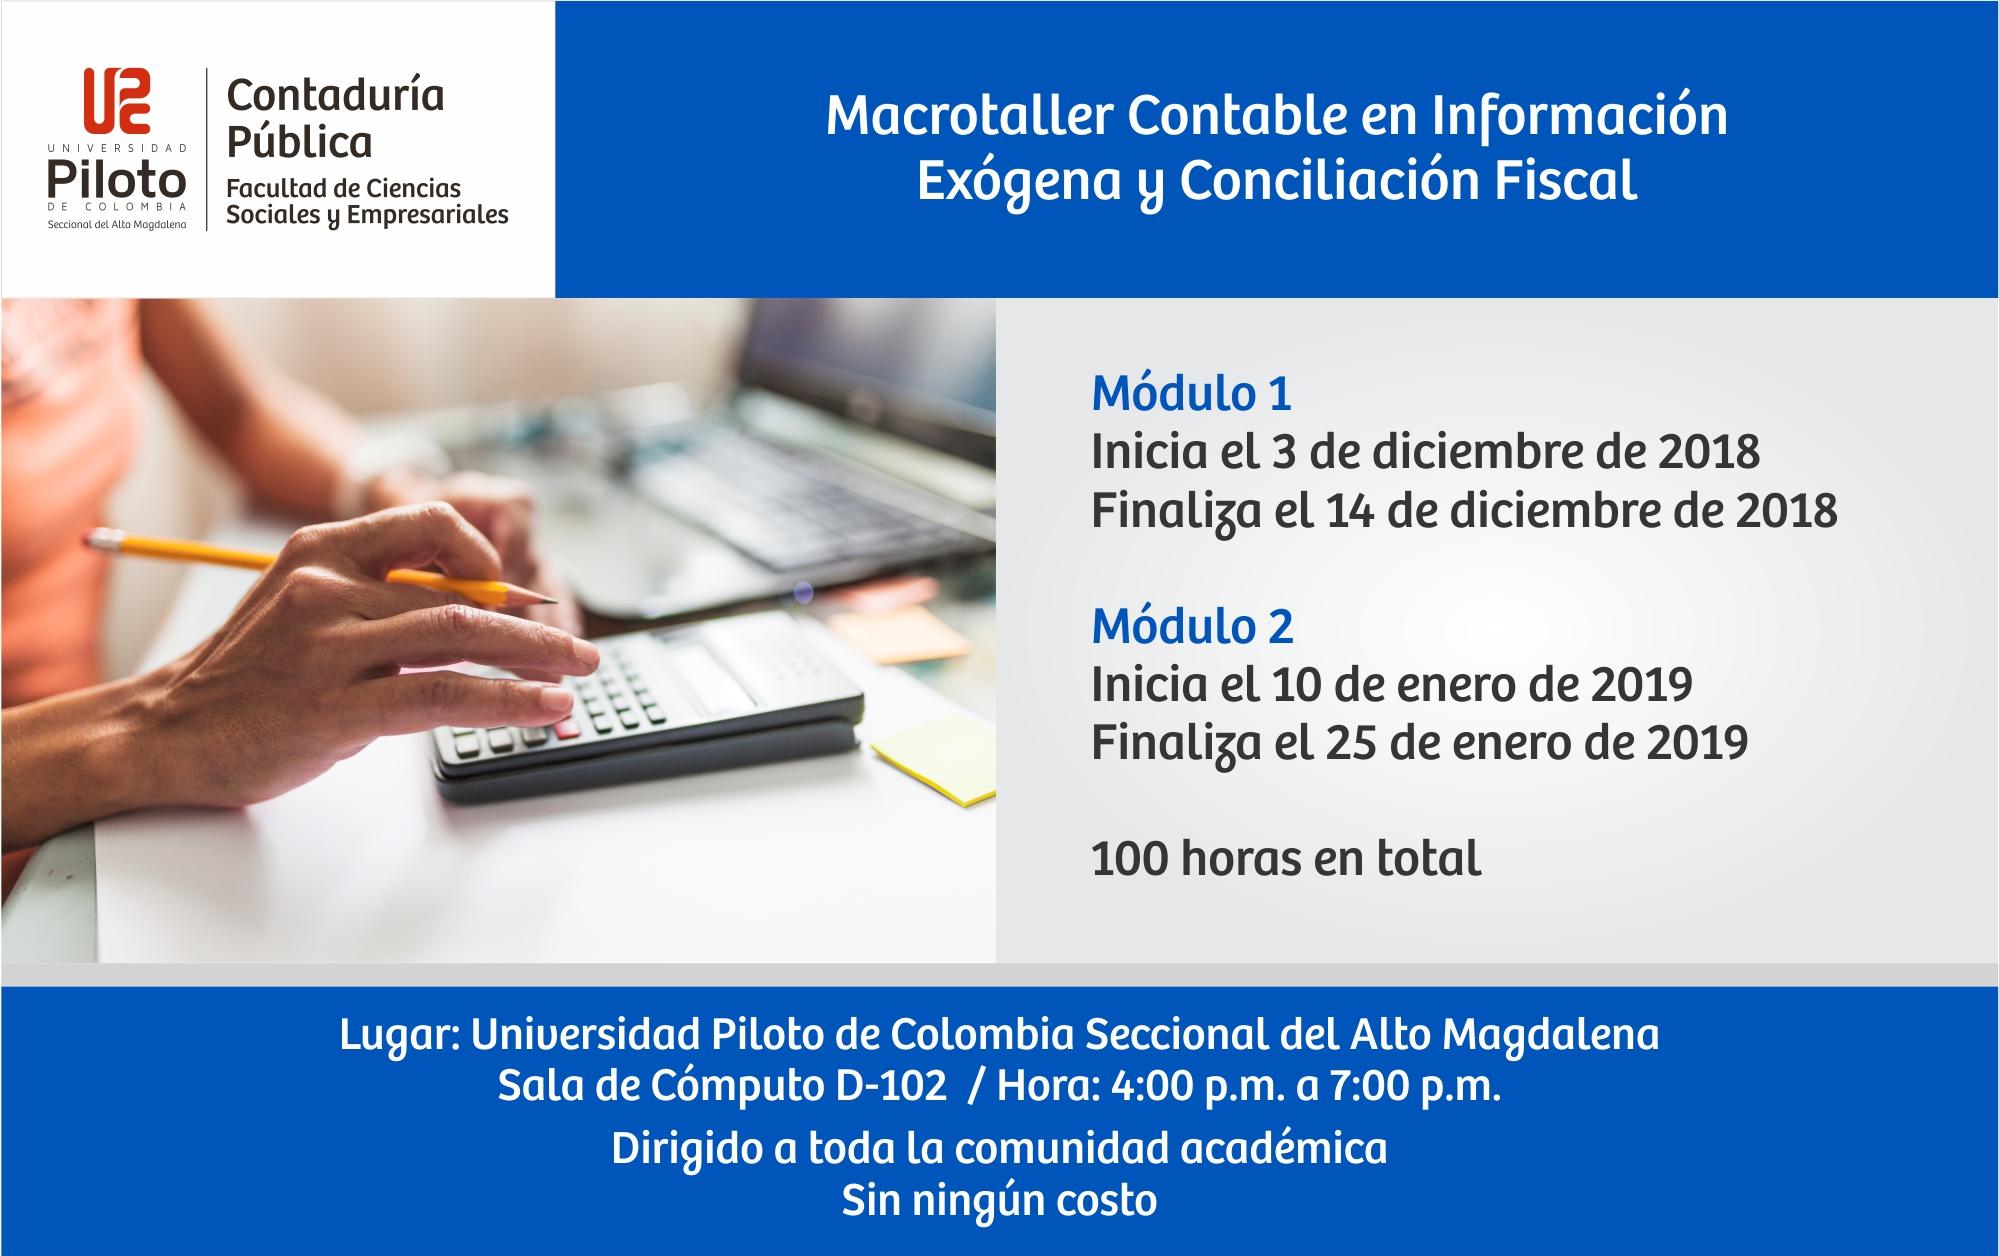 Macrotaller Contable en Información Exógena y Conciliación Fiscal